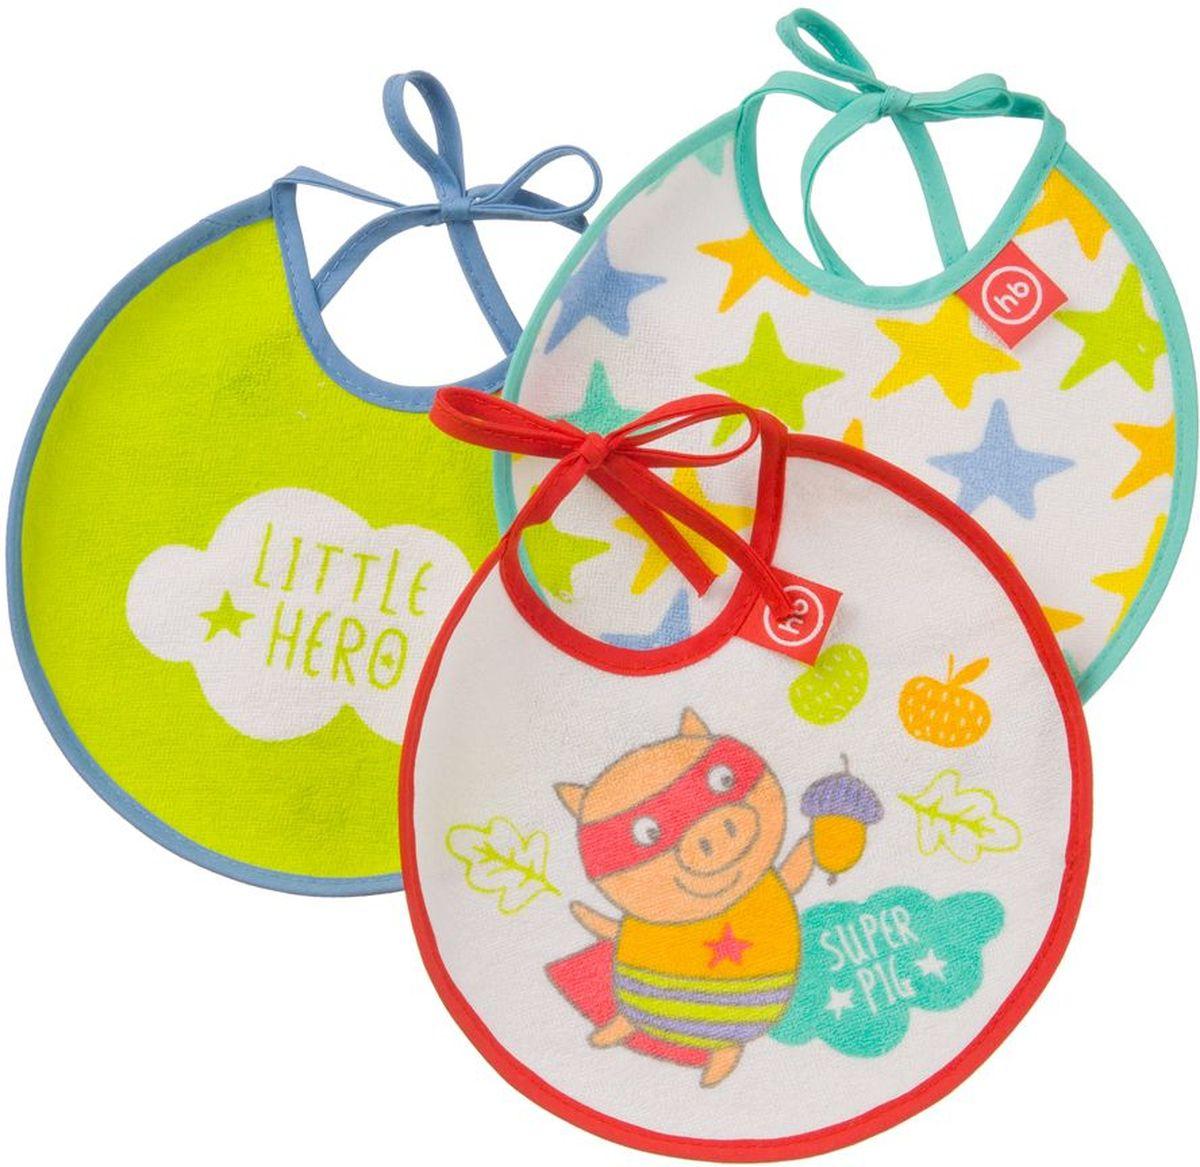 Happy Baby Набор нагрудных фартуков Маленький герой 3 шт -  Все для детского кормления